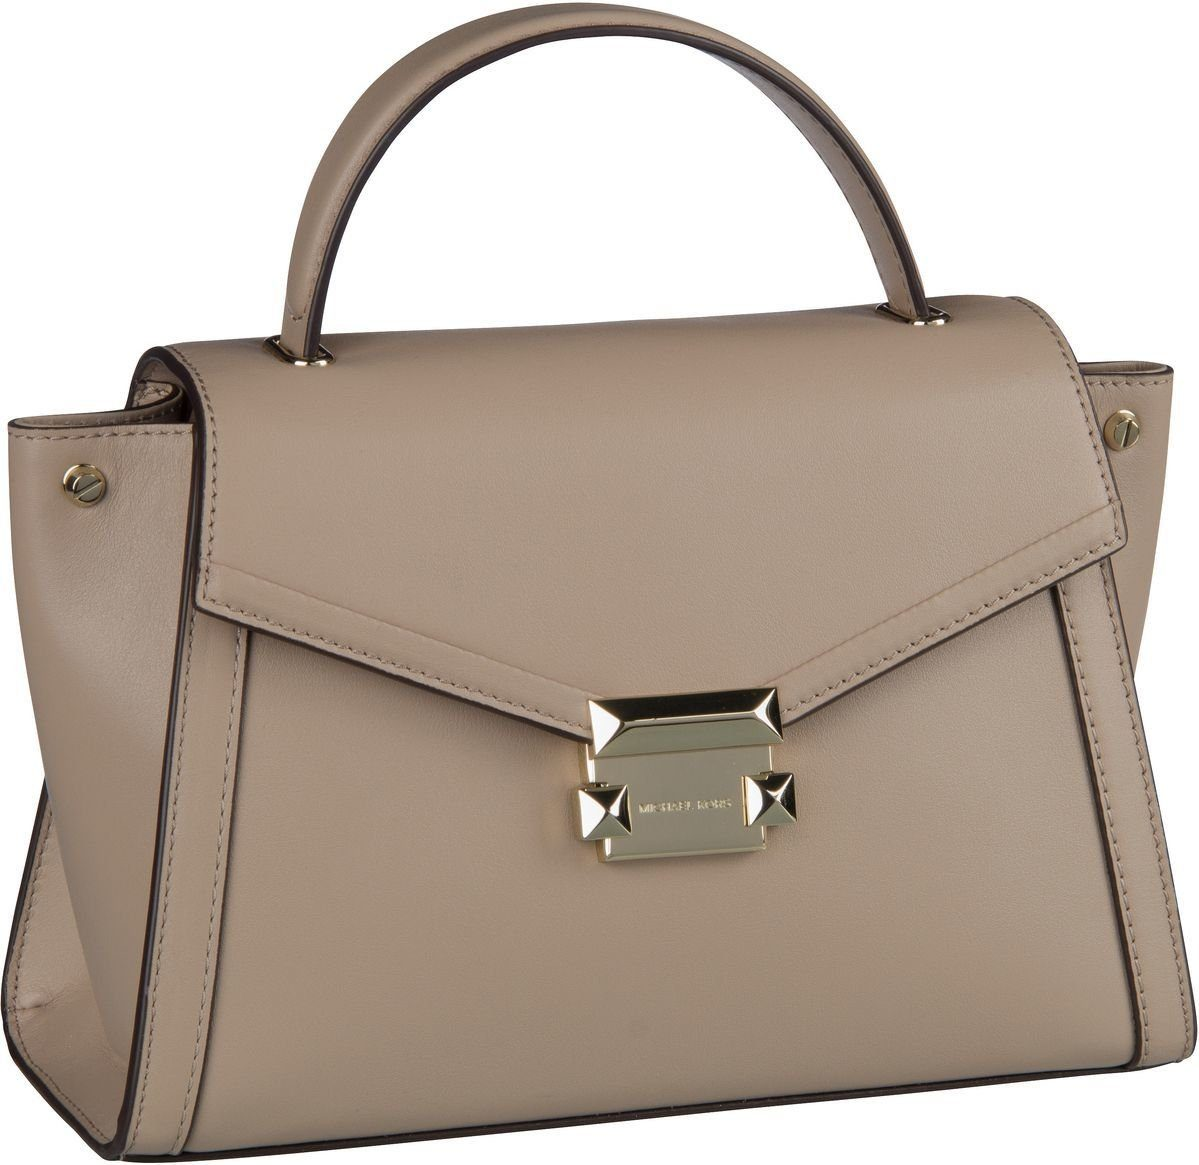 MICHAEL KORS Handtasche »Jasmine Medium TH Satchel« online kaufen | OTTO